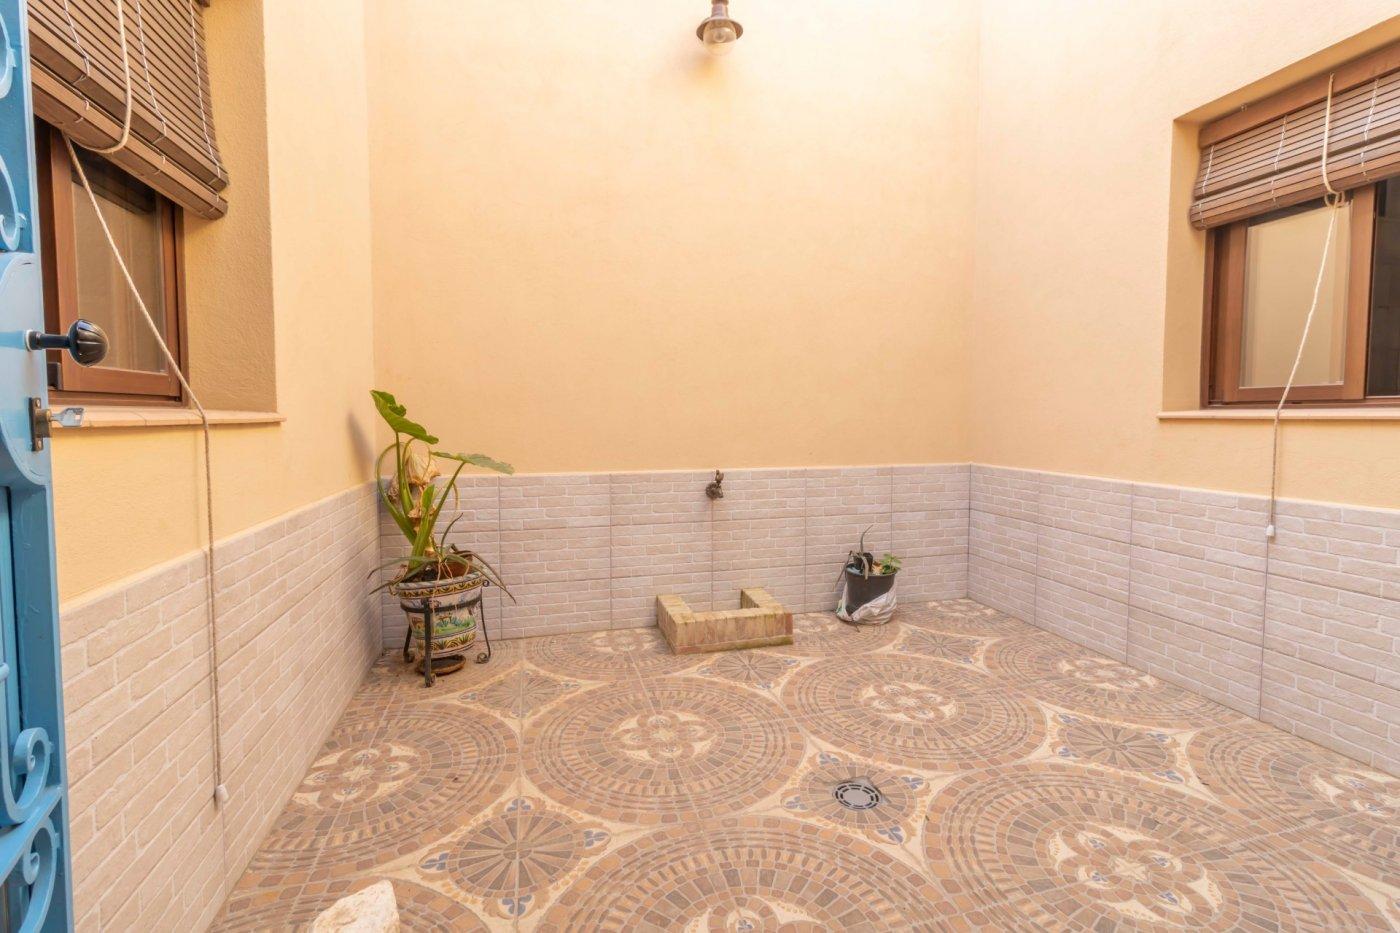 Casa de reciente construccion a la venta en carmona - imagenInmueble30